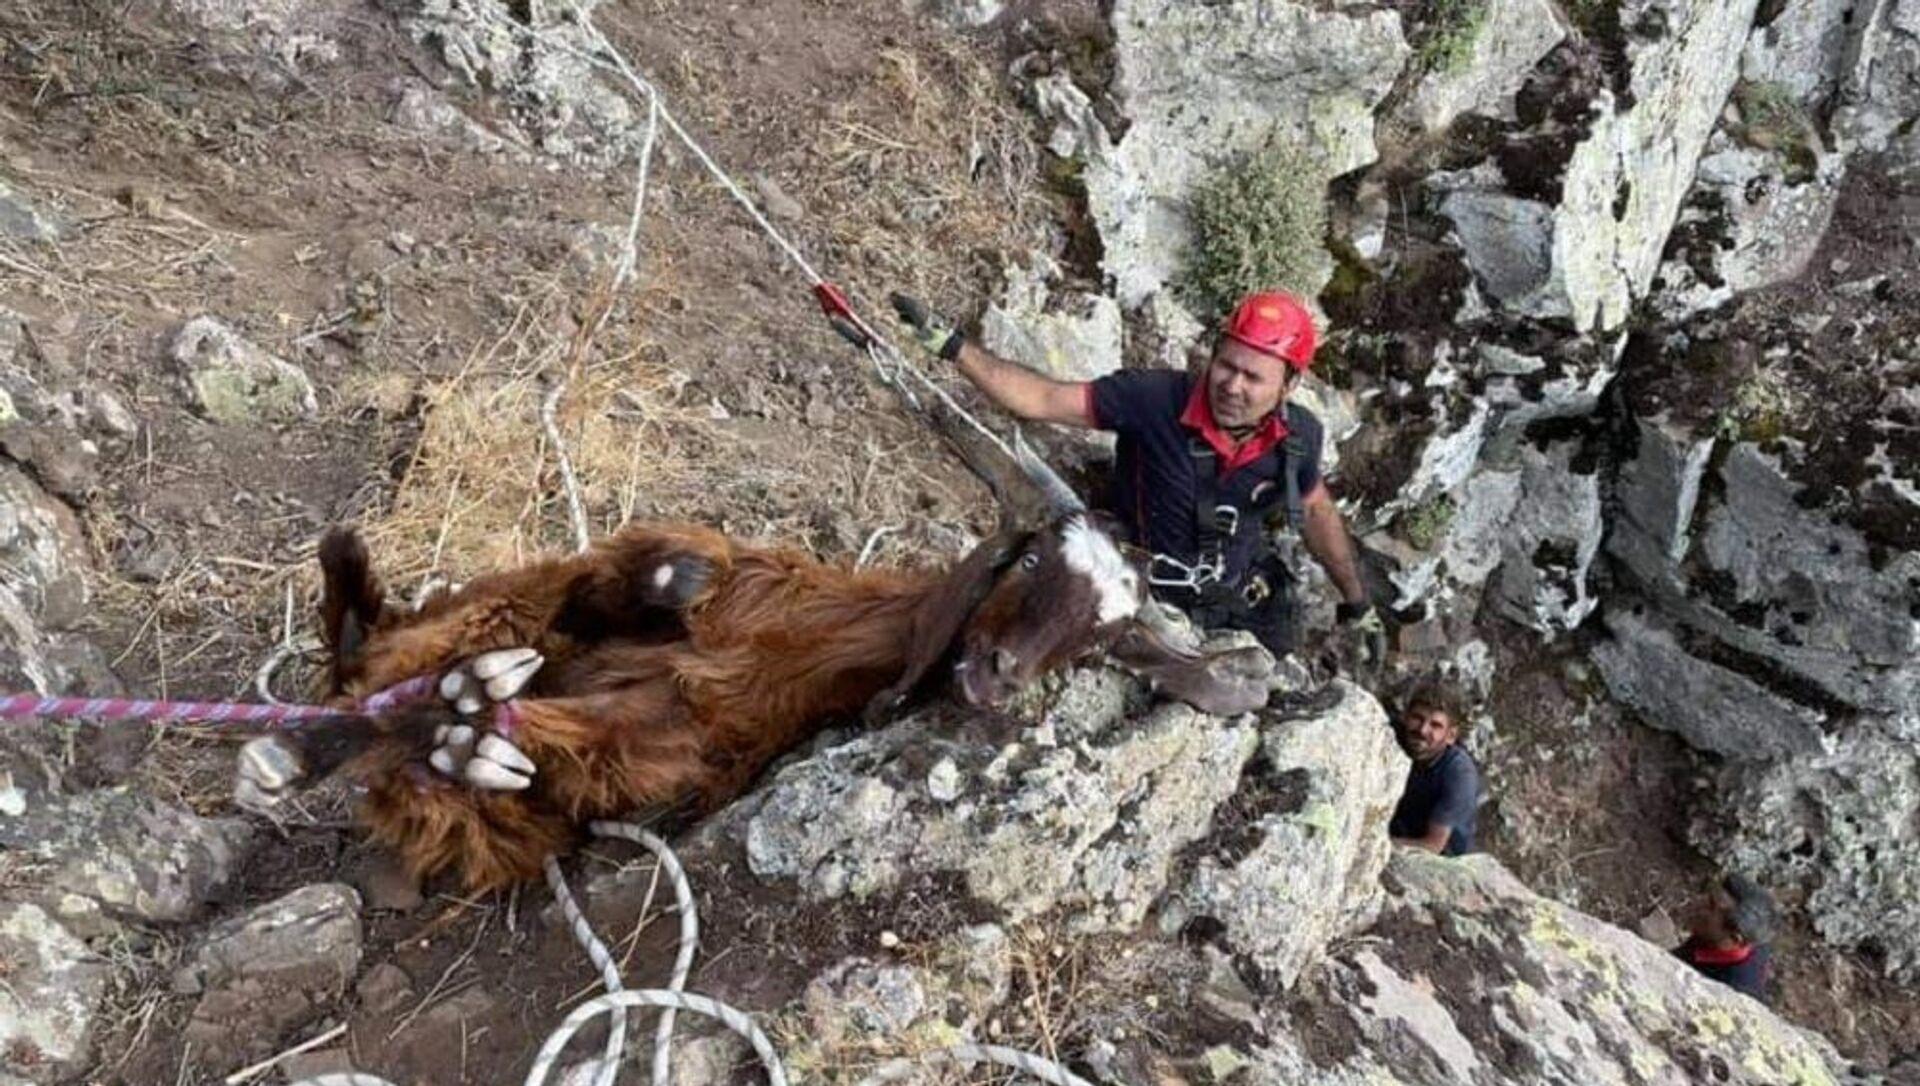 Dağlık alanda 10 gündür mahsur kalan keçiler kurtarıldı  - Sputnik Türkiye, 1920, 27.07.2021